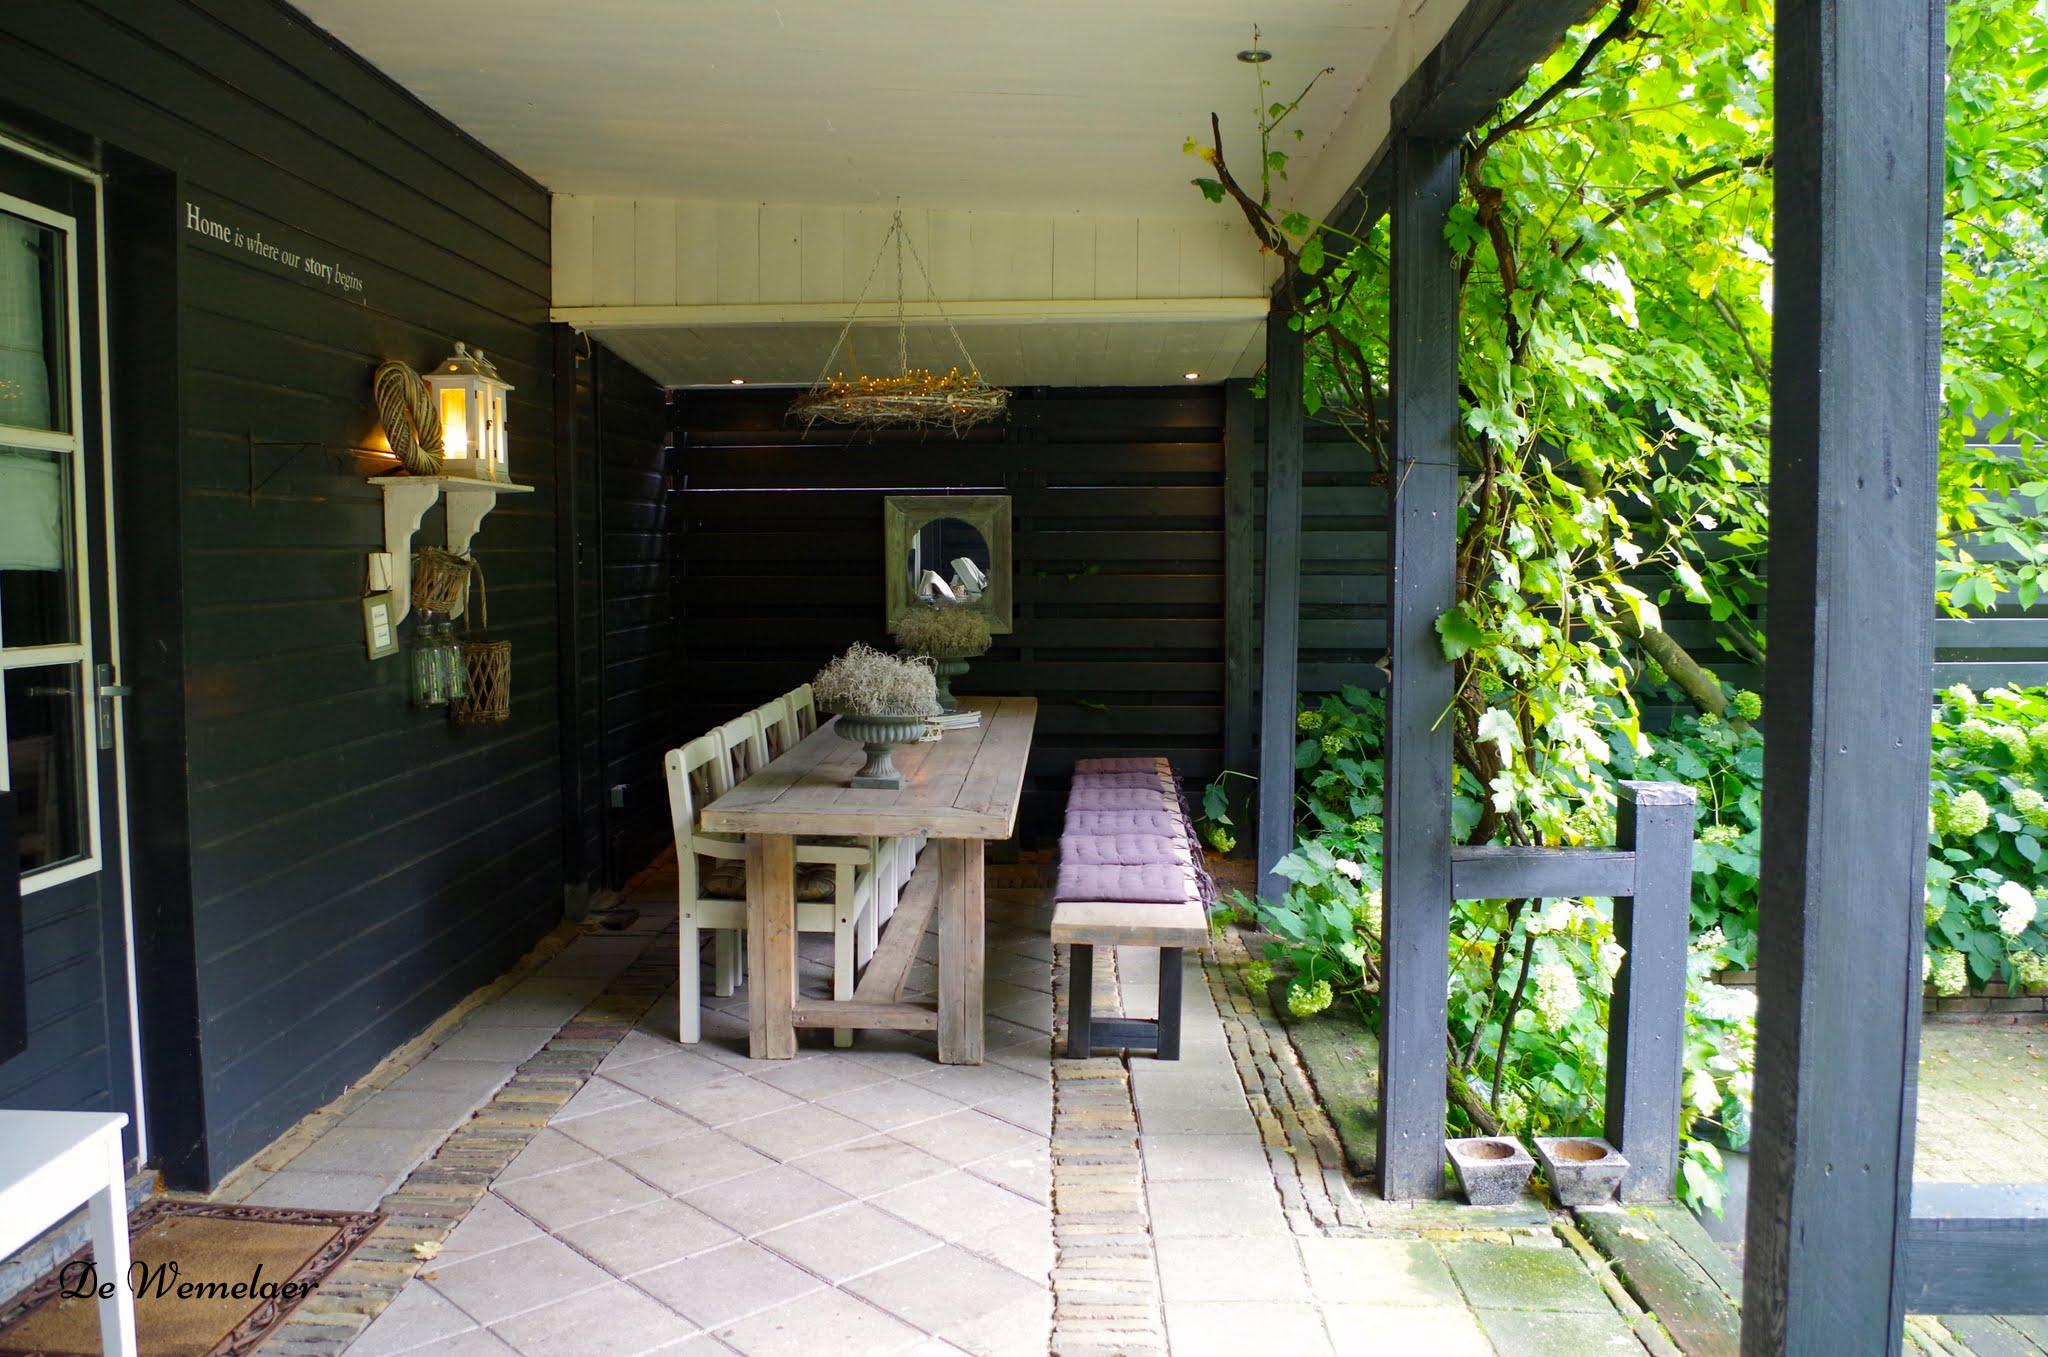 Binnenkijken sfeerproeven bij yvonne en bart de wemelaer - Beelden van verandas ...